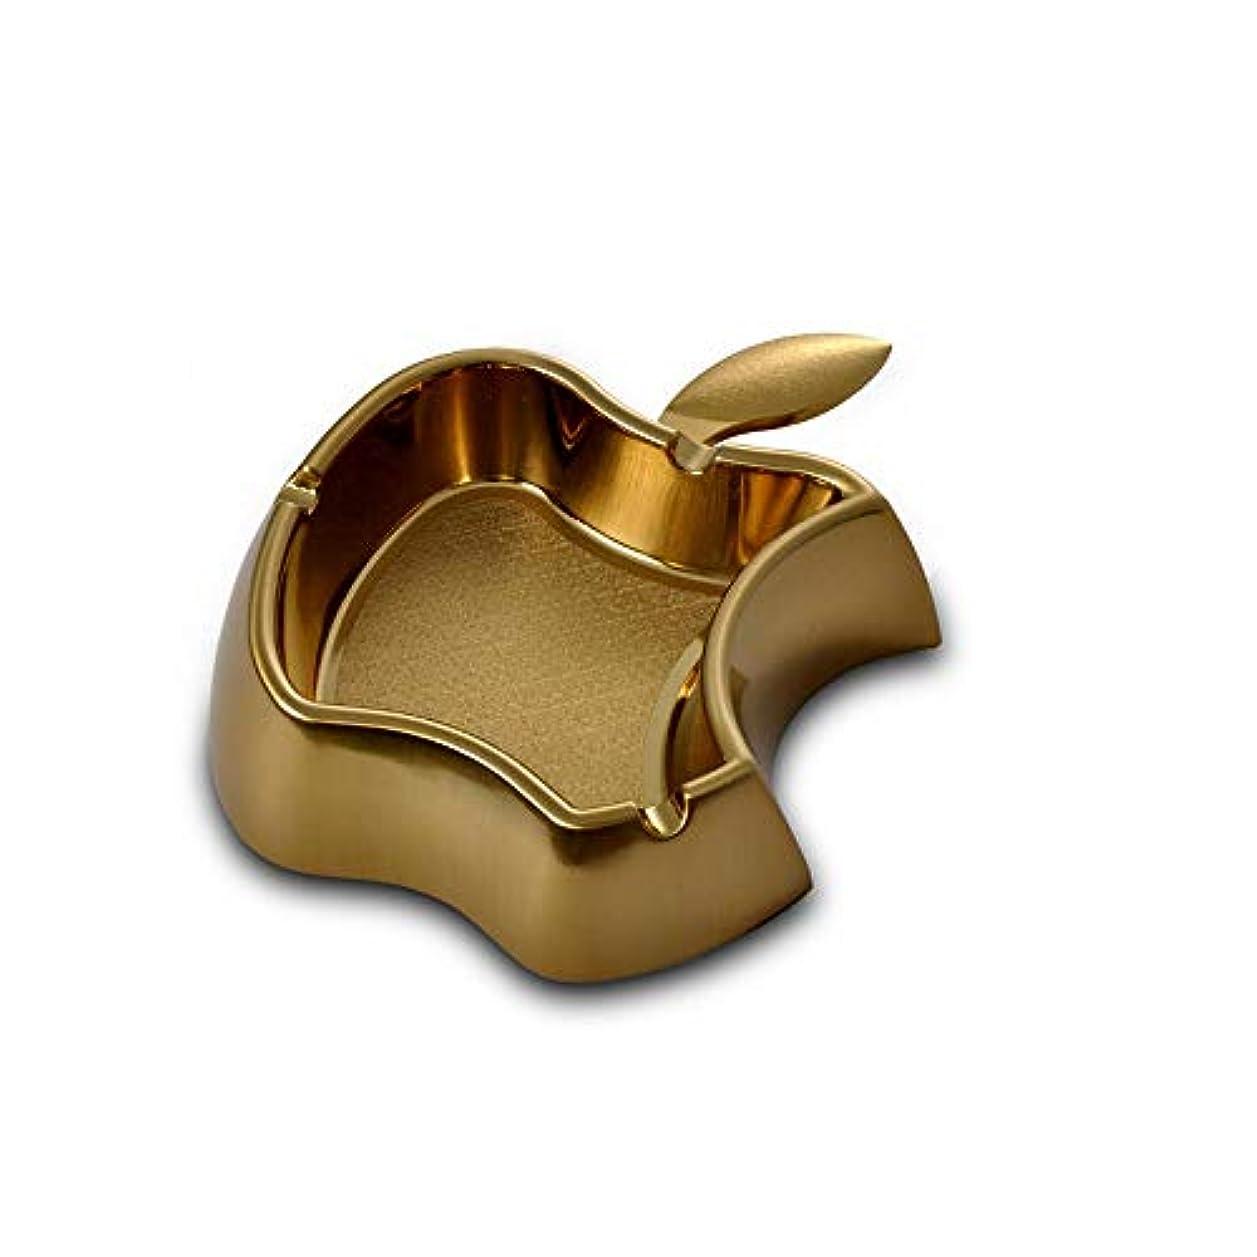 懐疑的健全バンククリエイティブアップルメタル灰皿シンプルな灰皿耐火ドロップ灰皿 (色 : ゴールド)